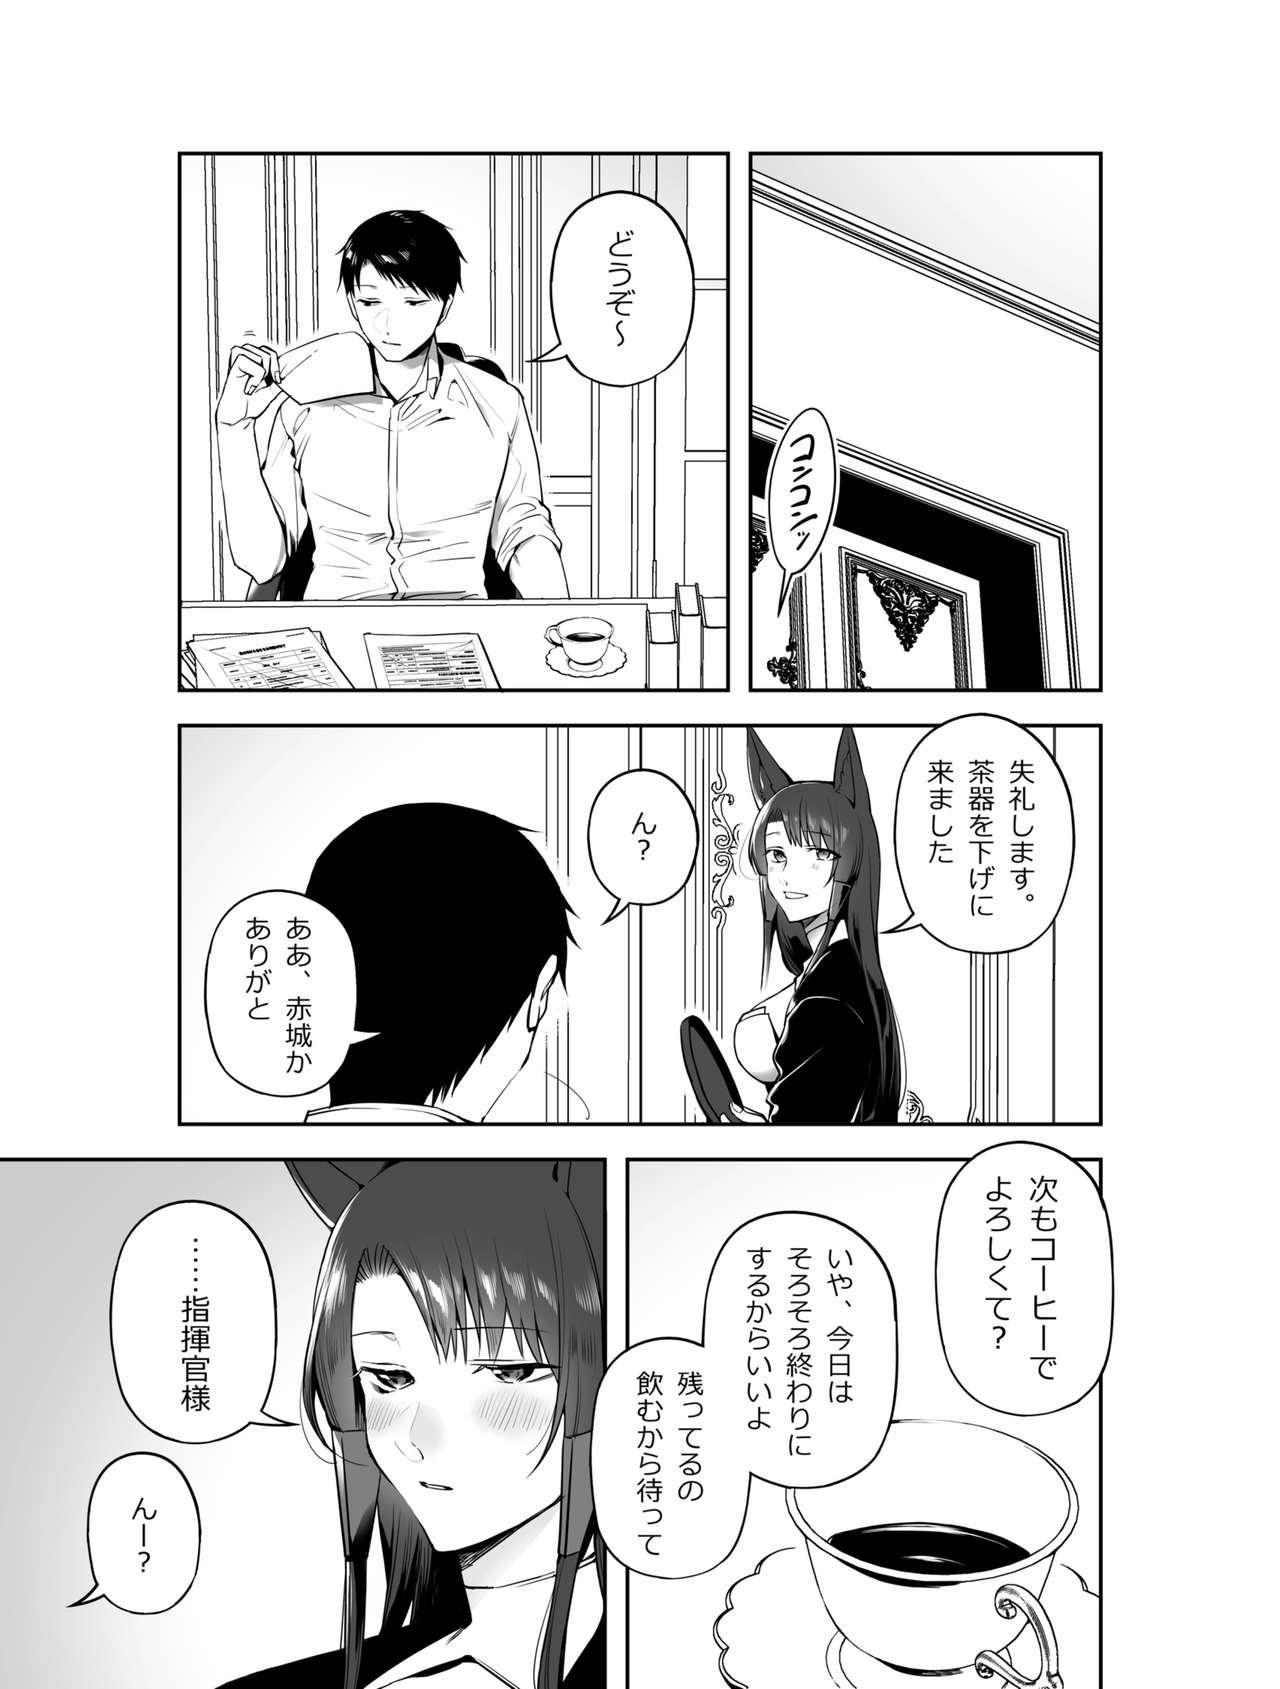 Akagi ni Ochinpo Shaburaseru Hon 4